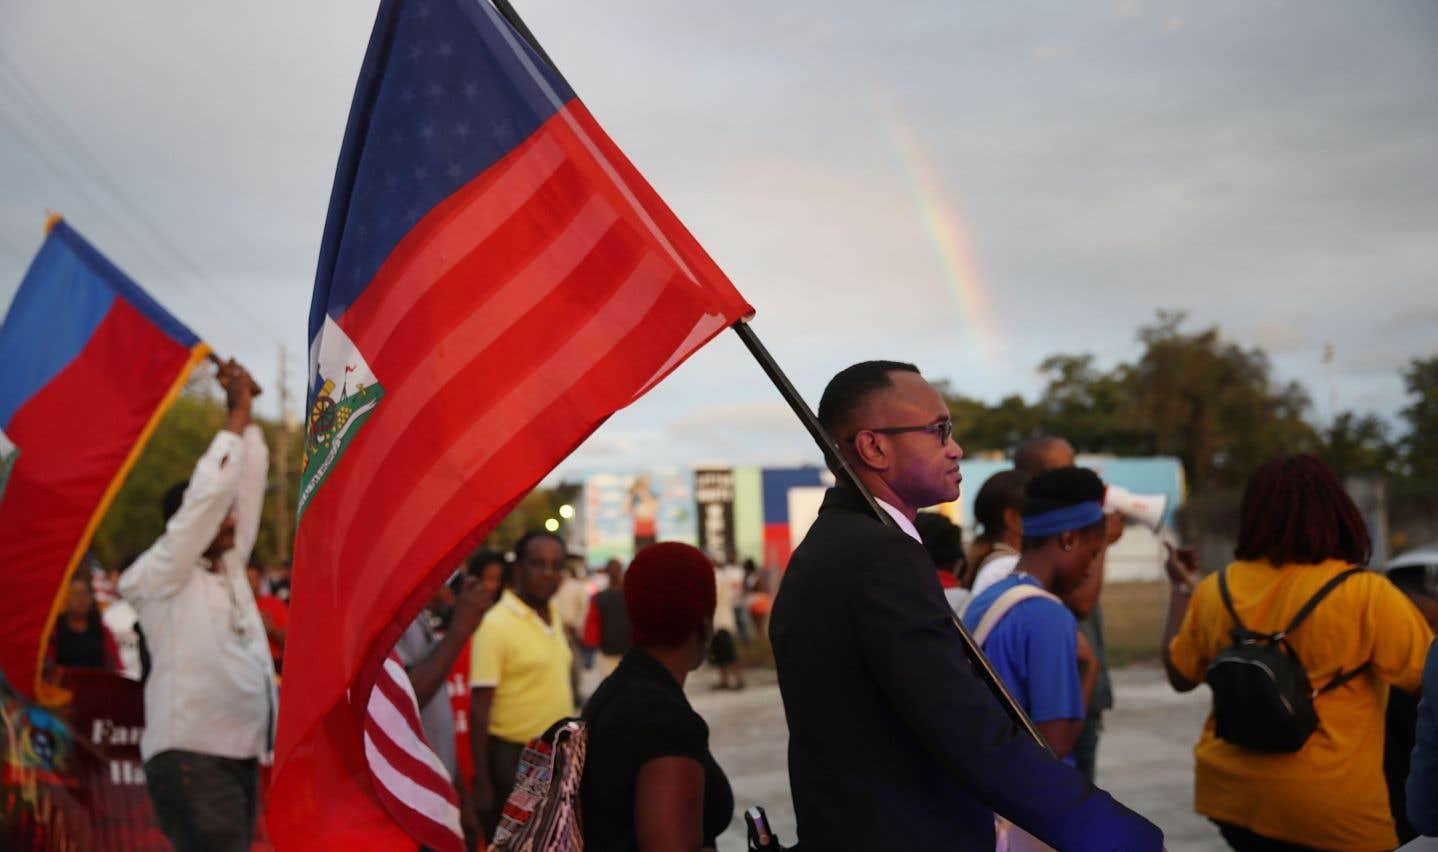 Les 58000 Haïtiens qui risquent de ne plus pouvoir rester aux États-Unis après 2019 seront forcés de rentrer au bercail.